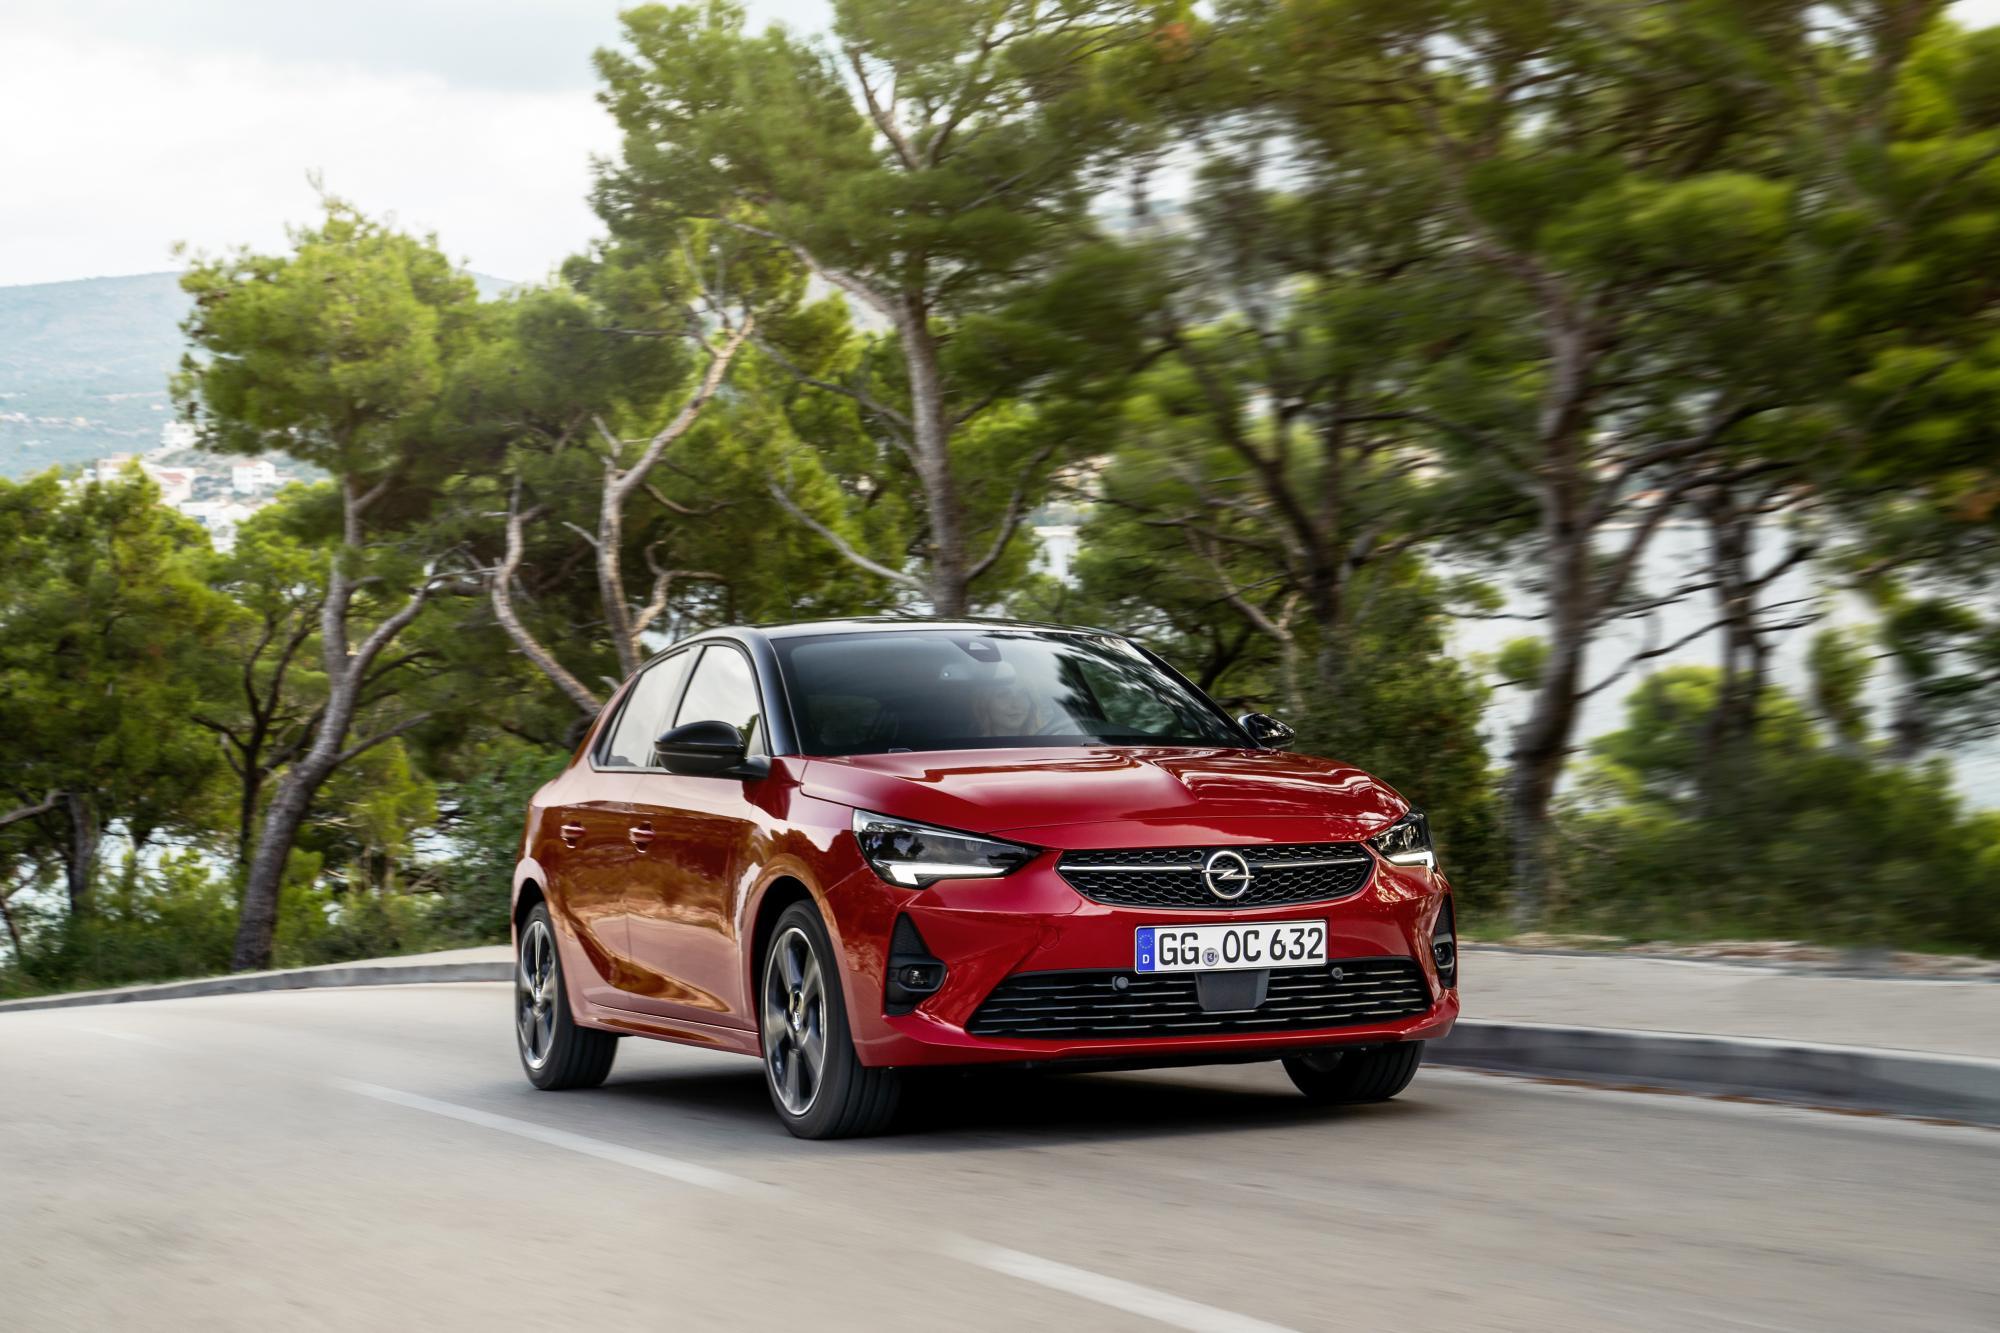 """Το Νέο Opel Corsa Απέσπασε το """"Connected Car Award"""""""